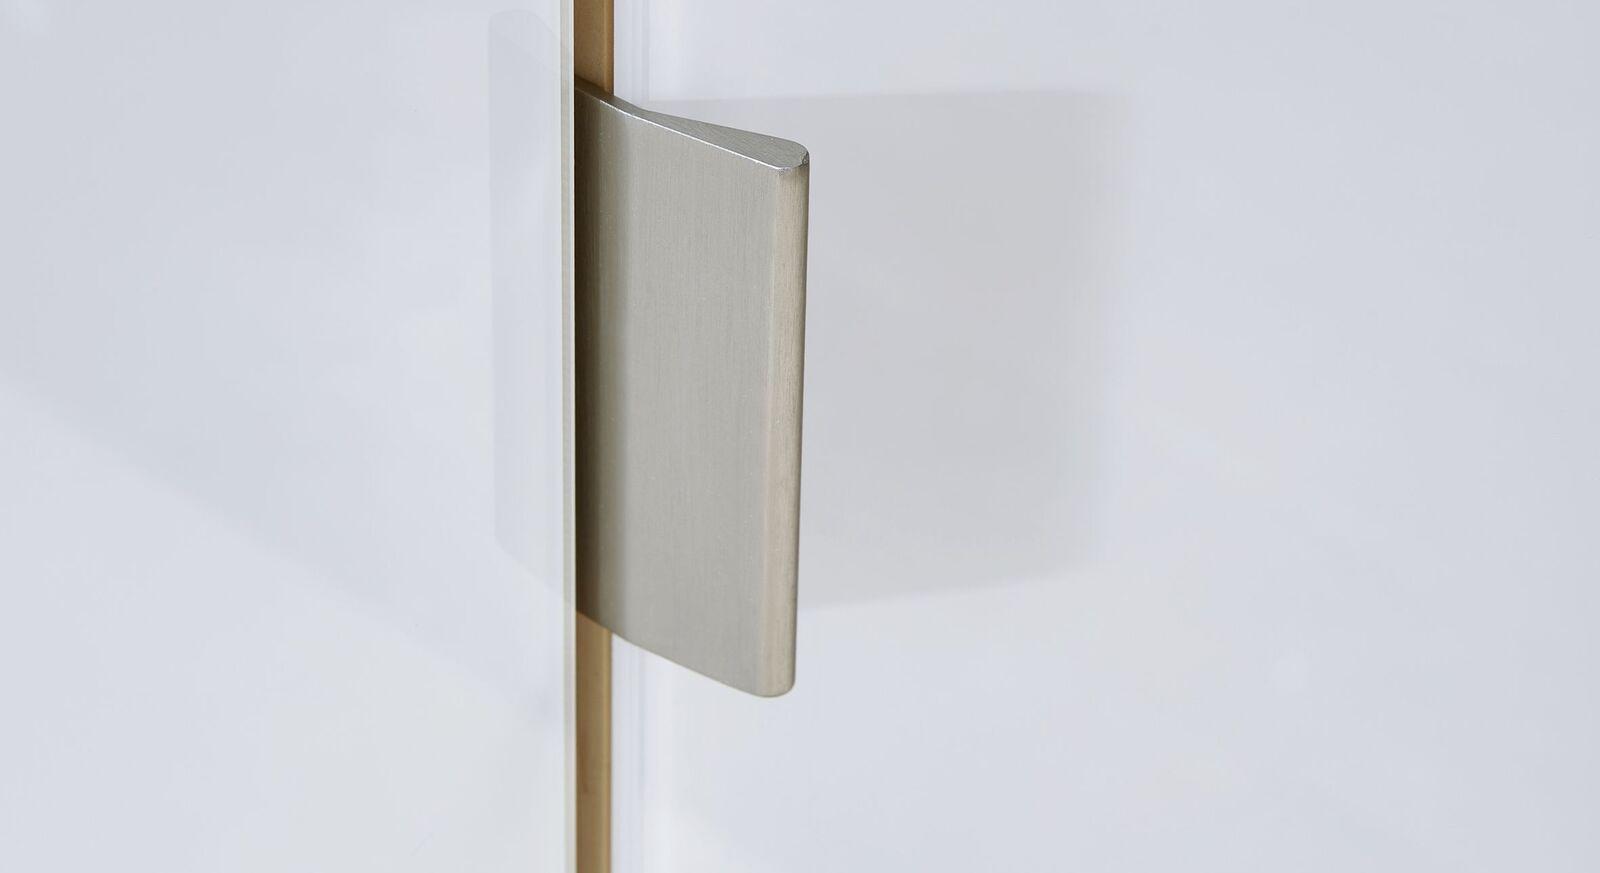 Drehtüren-Kleiderschrank aus weißem Glas mit Griff